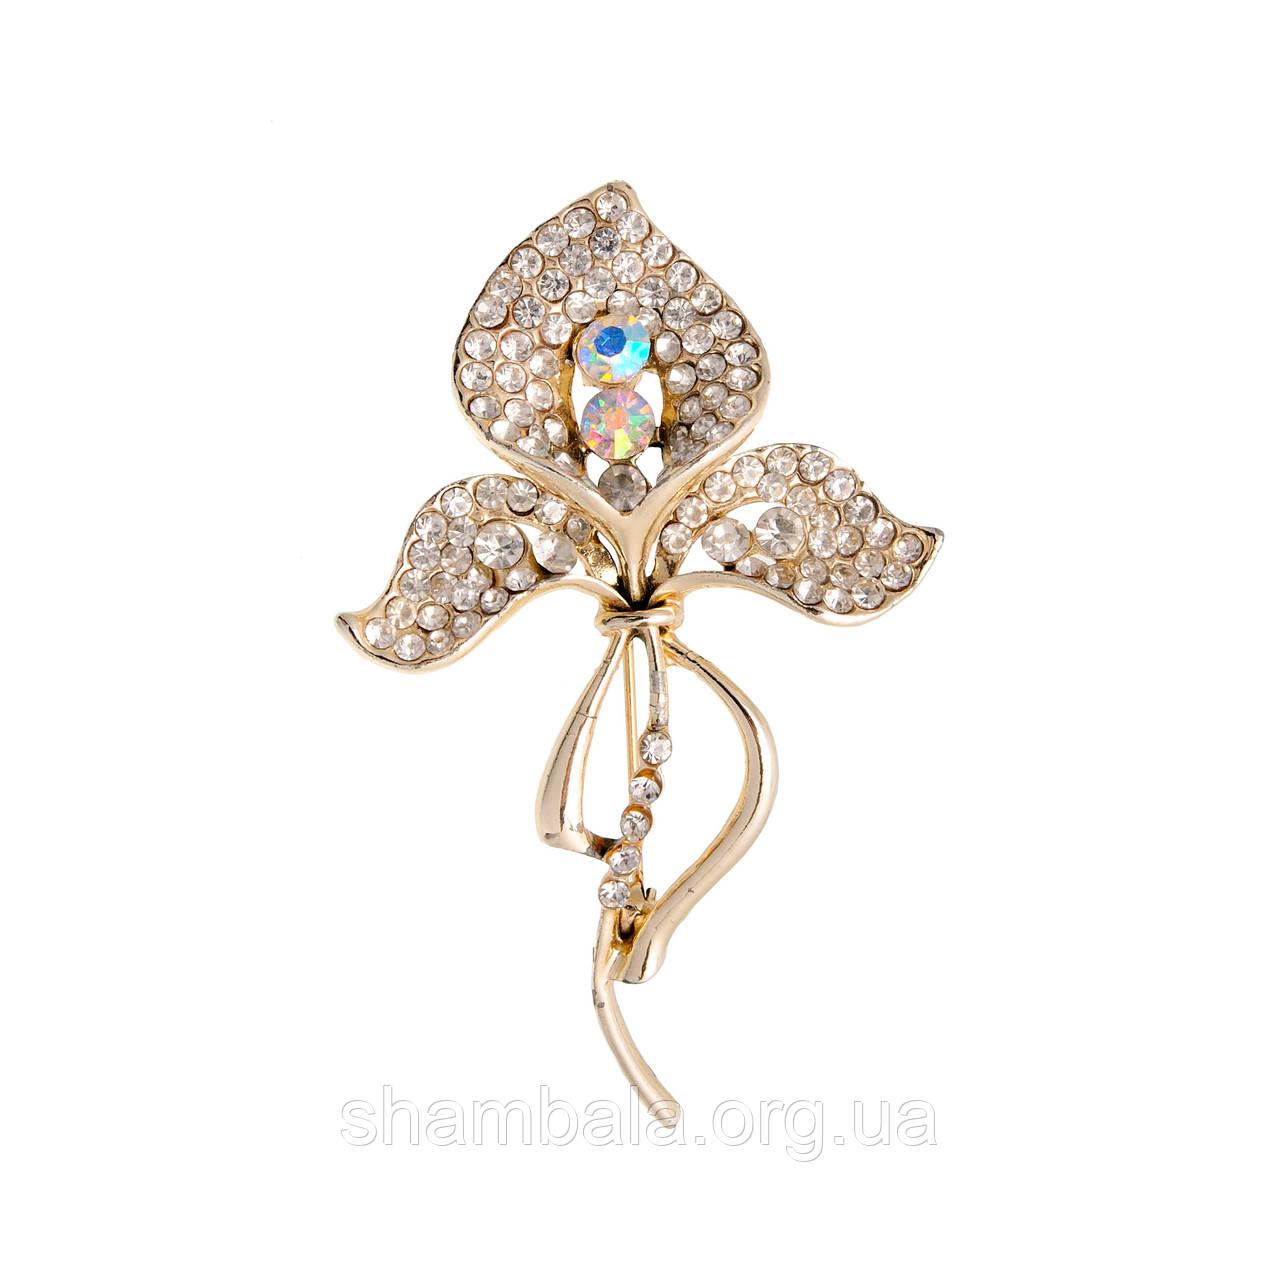 """Брошь Fashion Jewerly """"Petals"""" (010397)"""